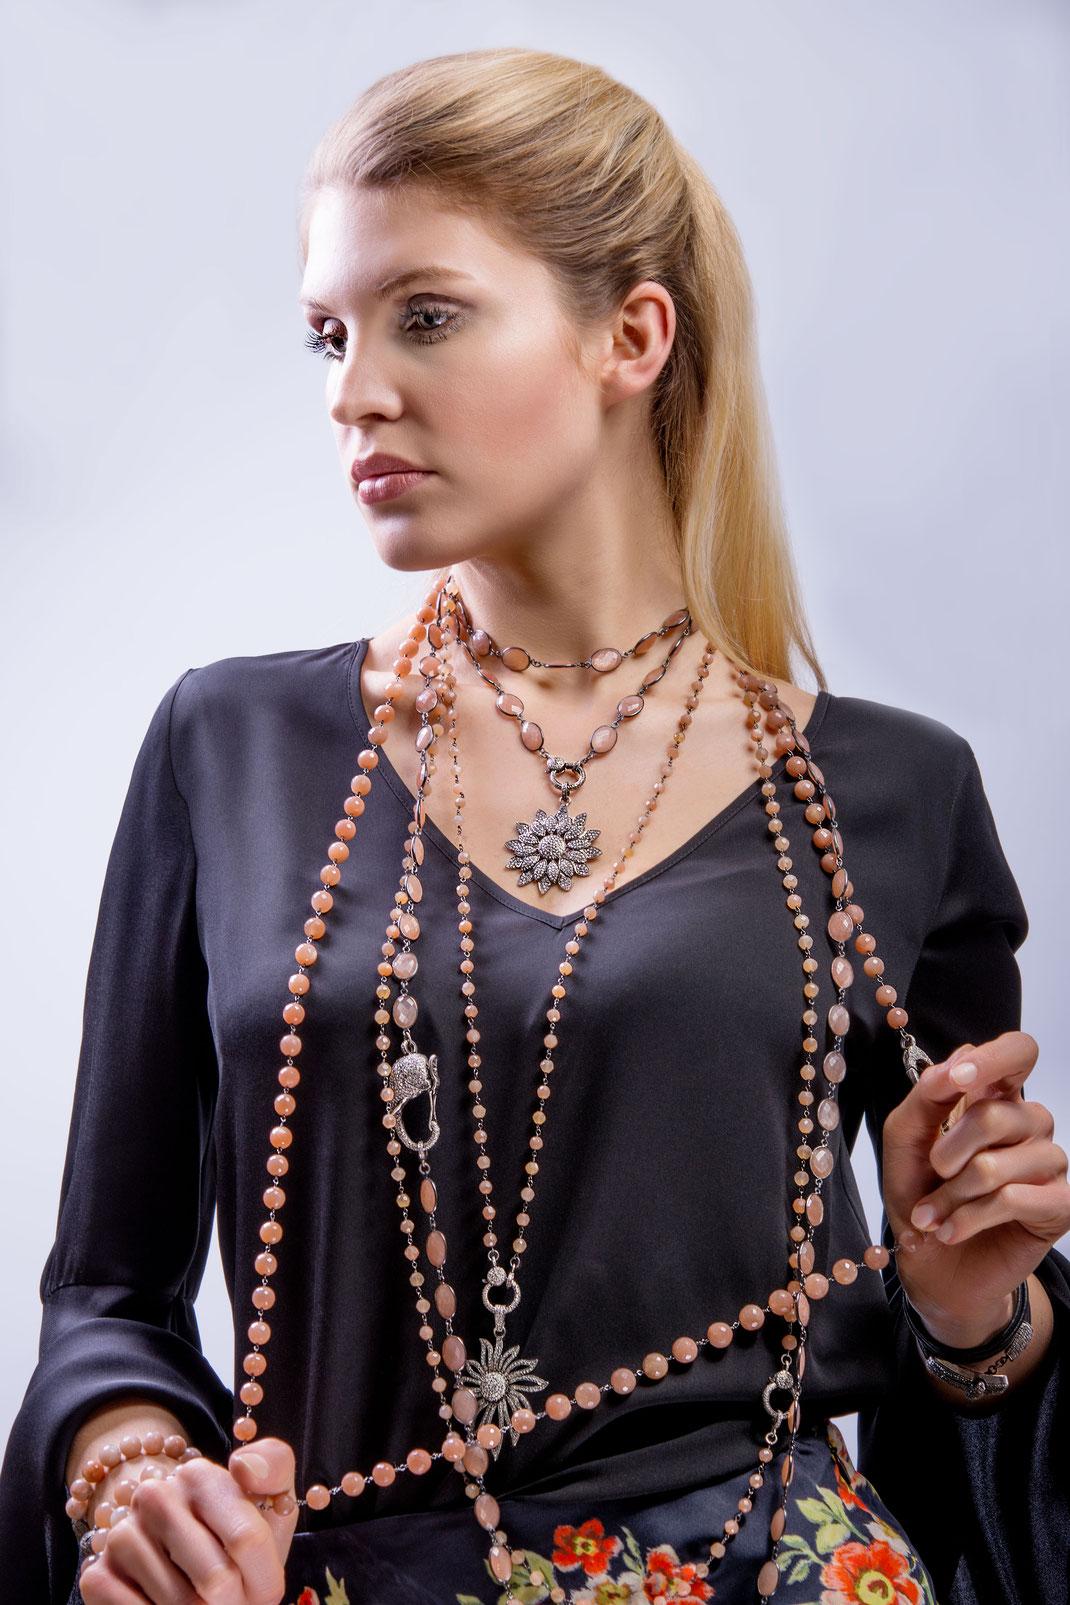 lange lässig elegant Halsketten mit Diamantanhängern und -schließen im Boho-Stil getragen